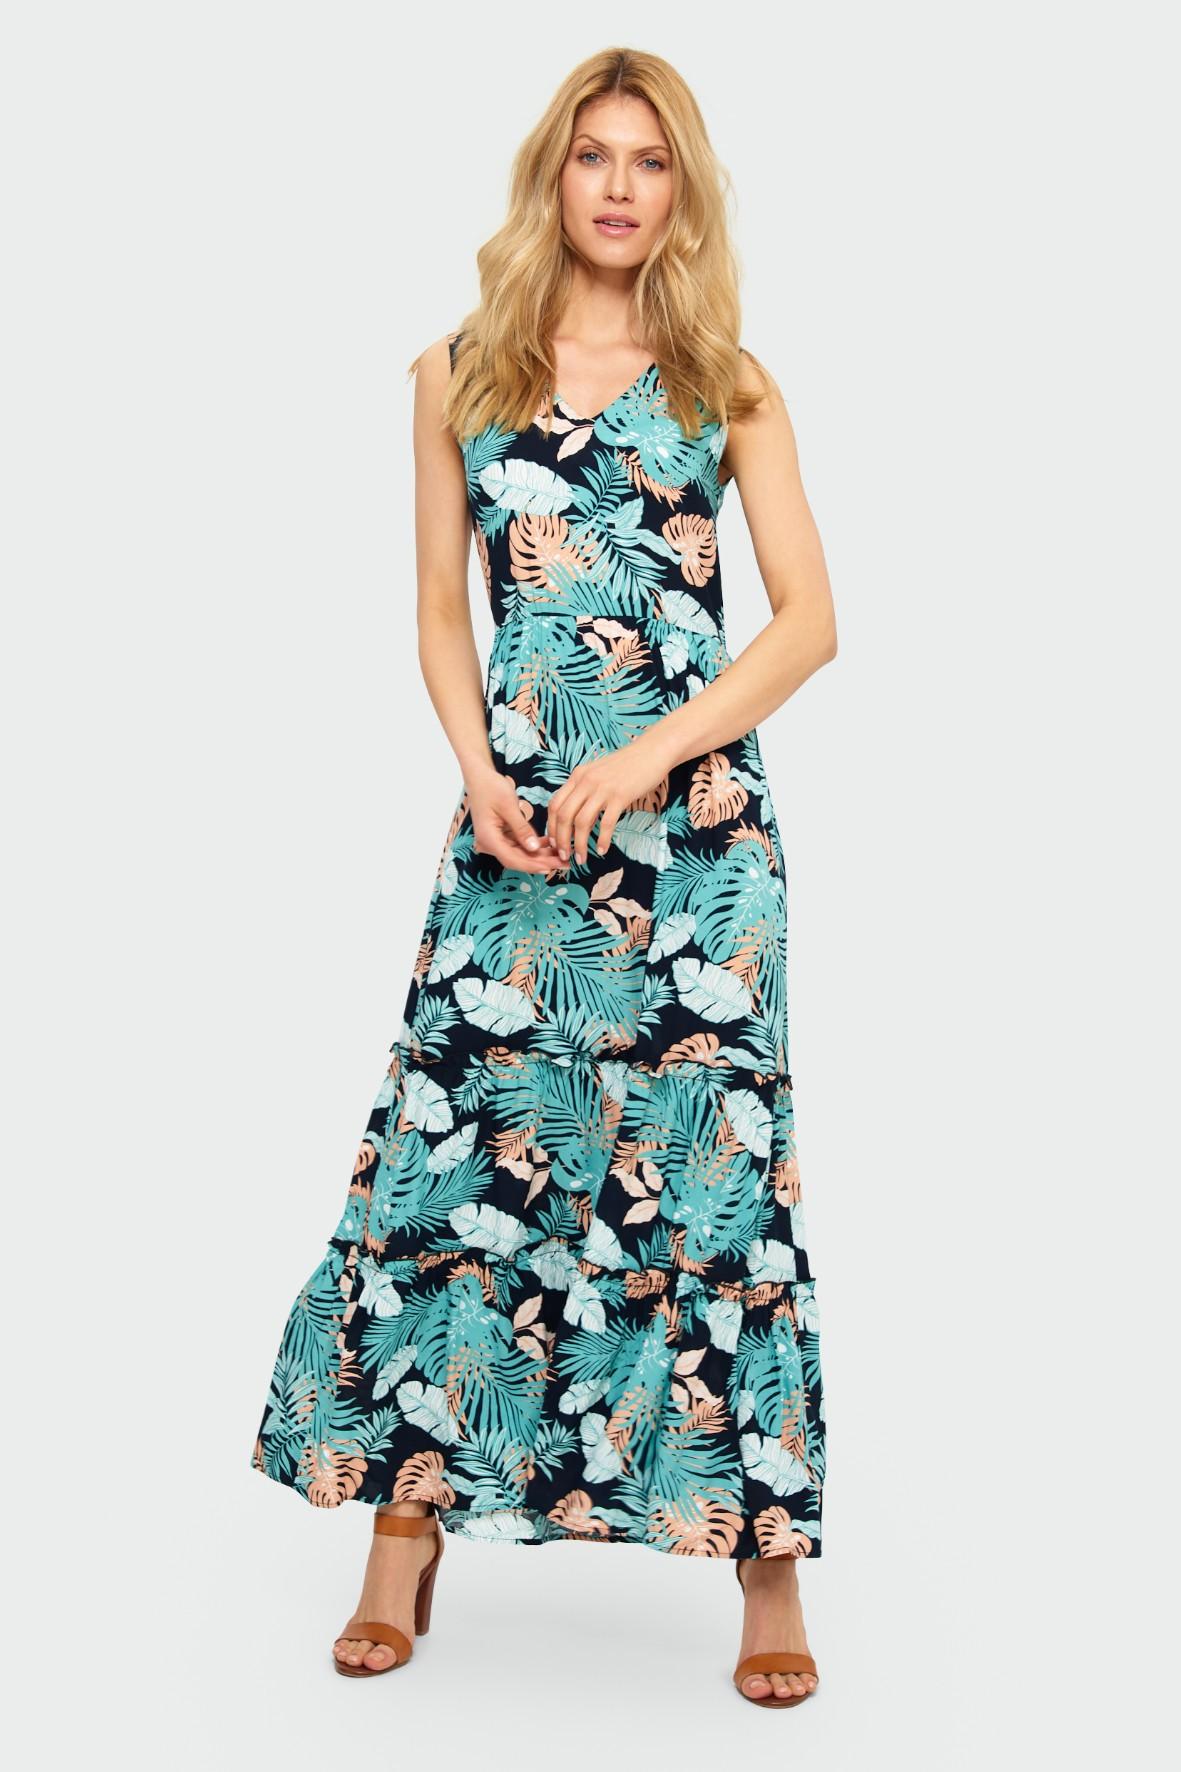 Długa czarna wiskozowa sukienka z roślinnym nadrukiem